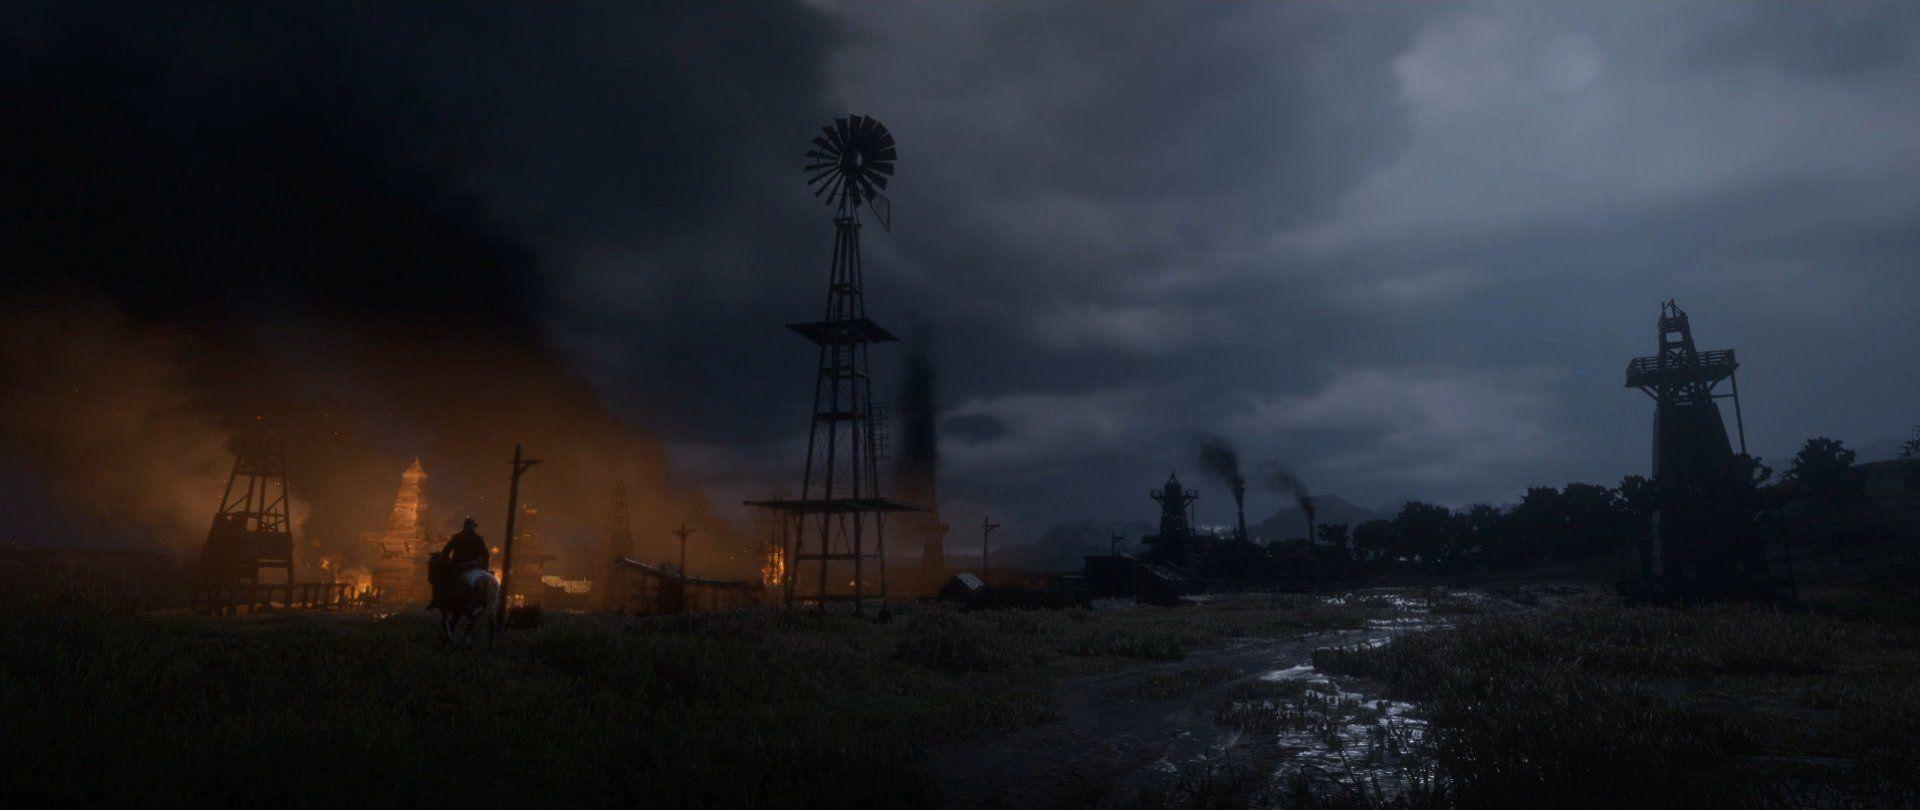 Red Dead Redemption 2 #RedDeadRedemption2 #RedDead2 #Redemption2 #RockstarGames #Sandbox #Oeste #Western #Games #Videogames